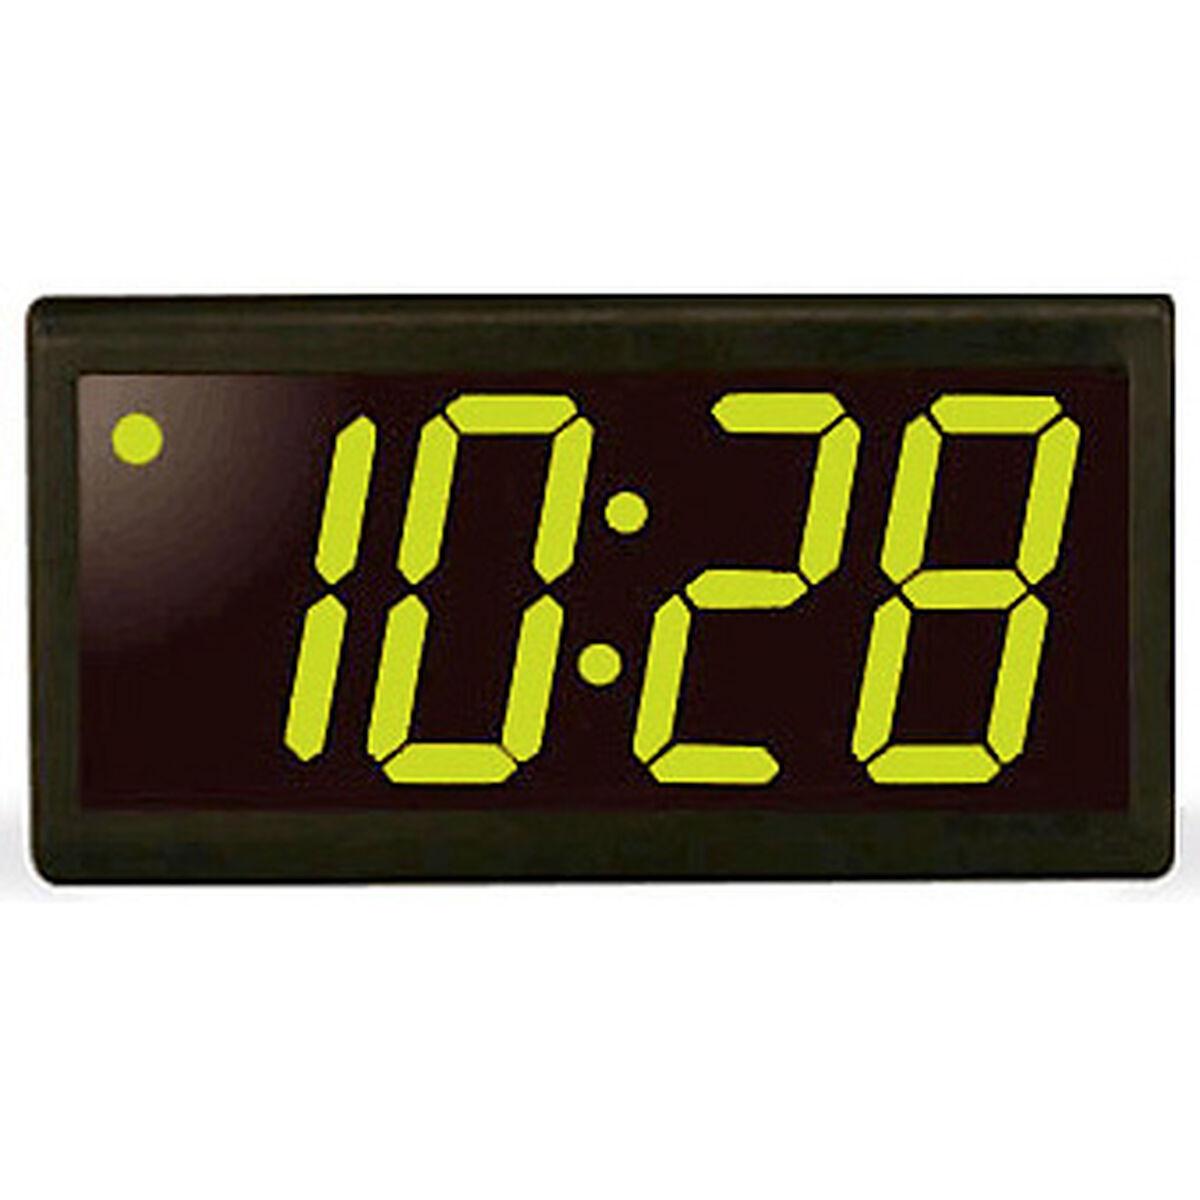 digital wall clocks simplex grinnell 4 digit 4